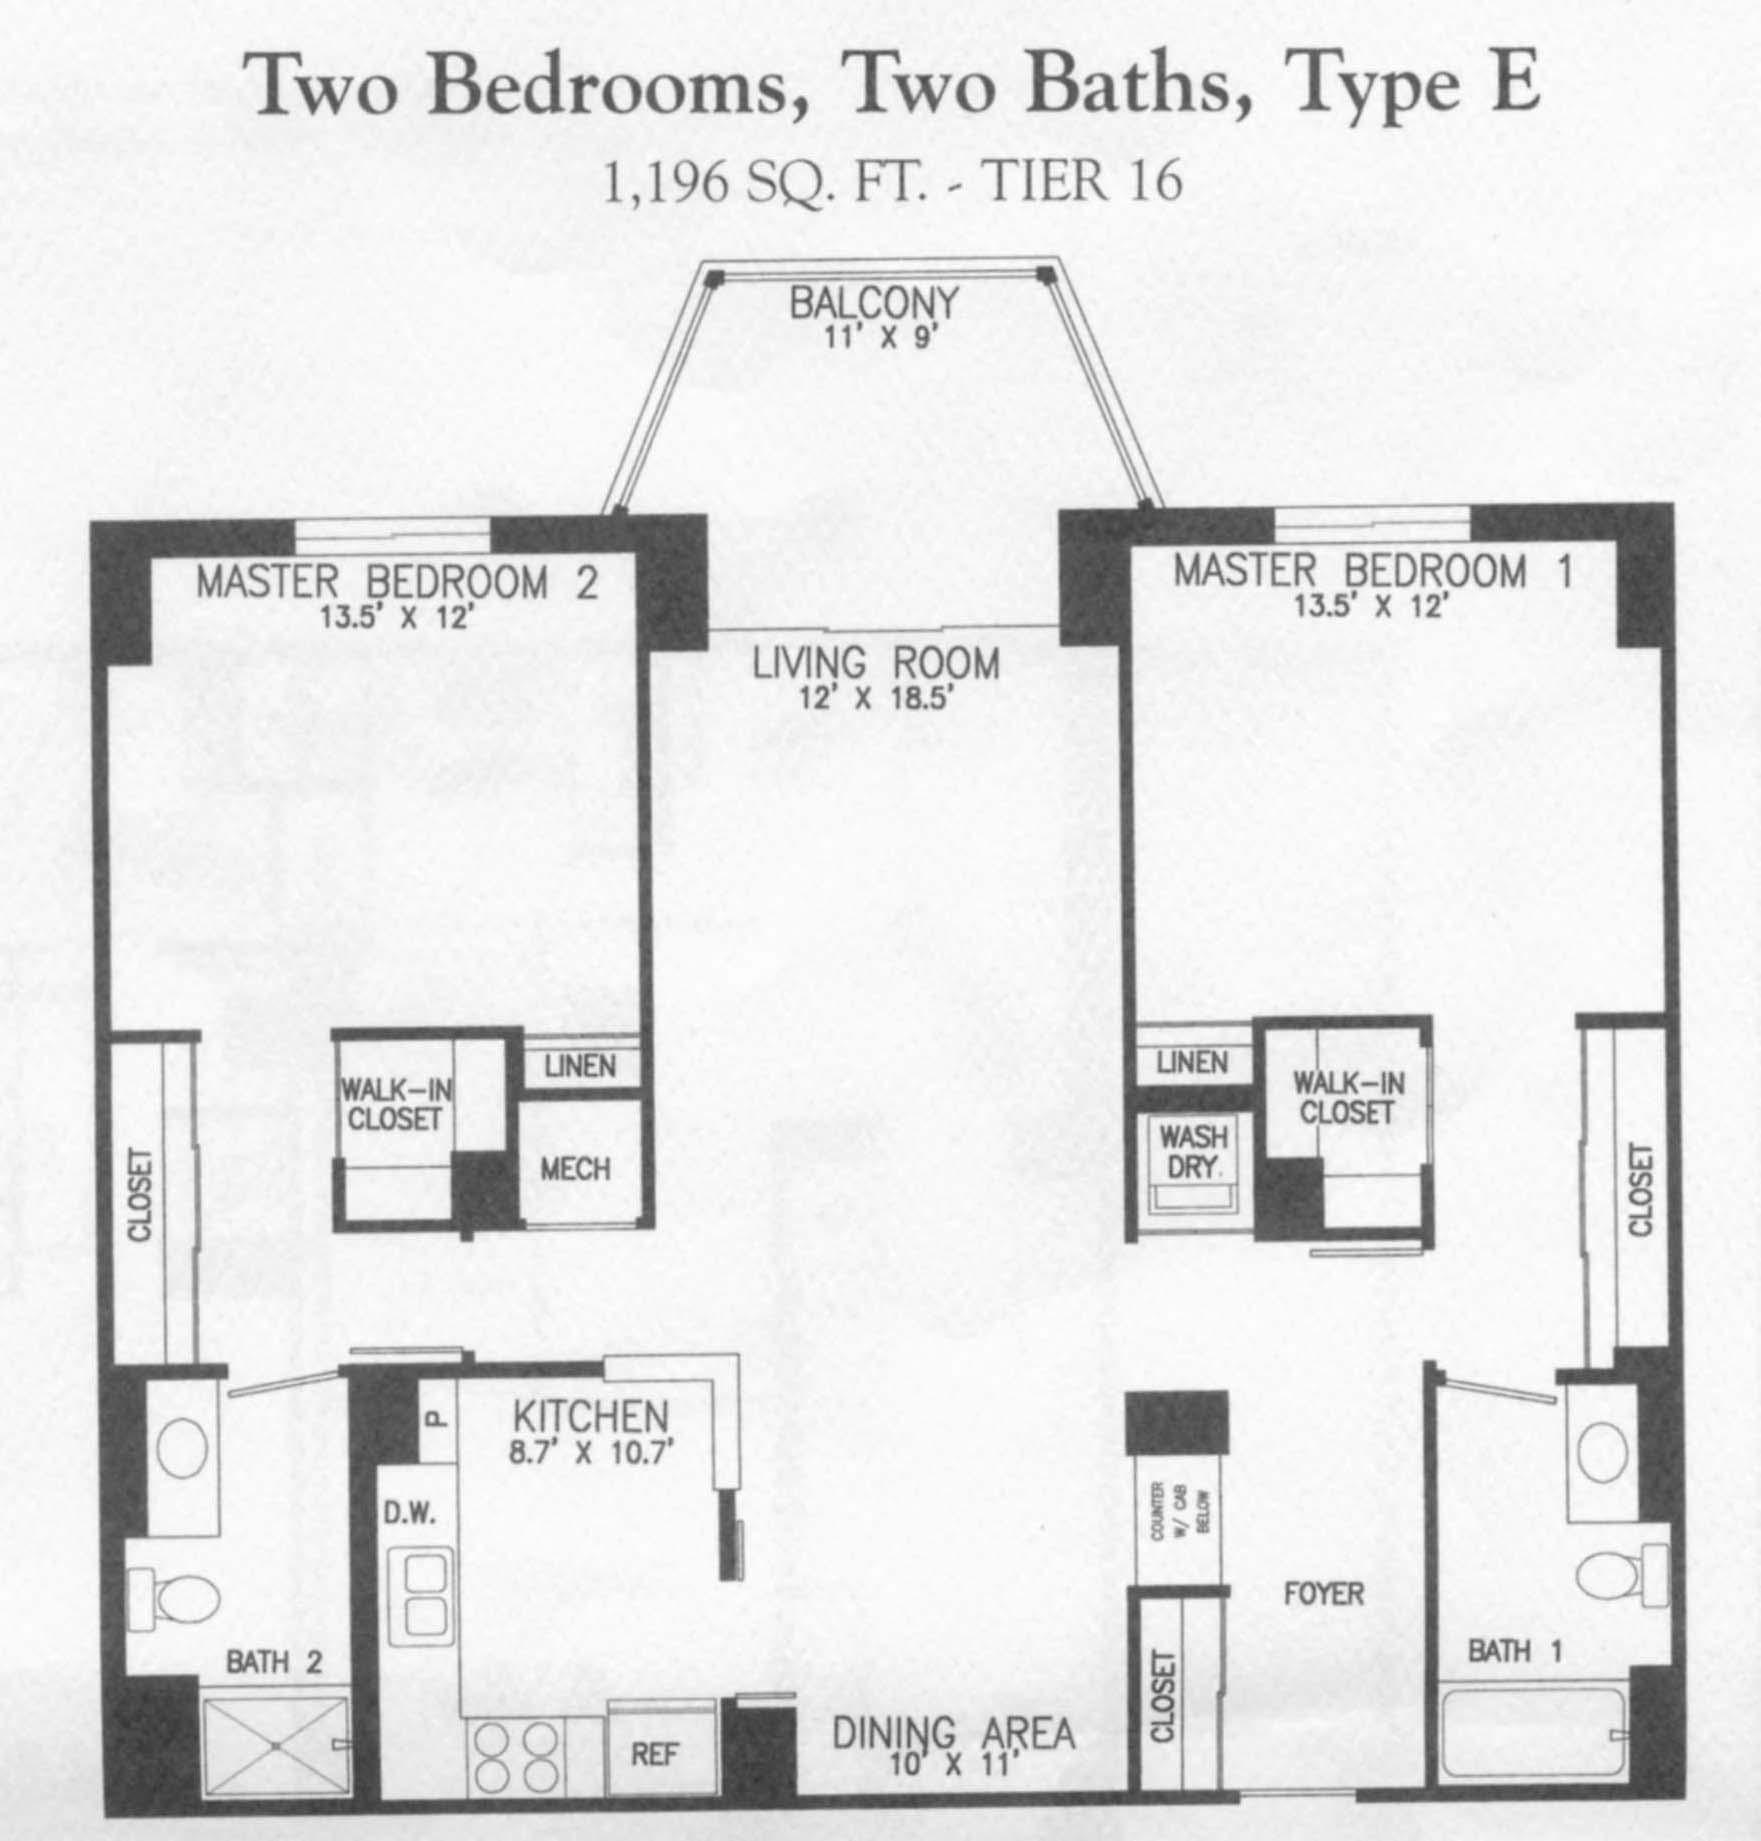 19385 Cypress Ridge Ter #316, Lansdowne Woods- Floorplan